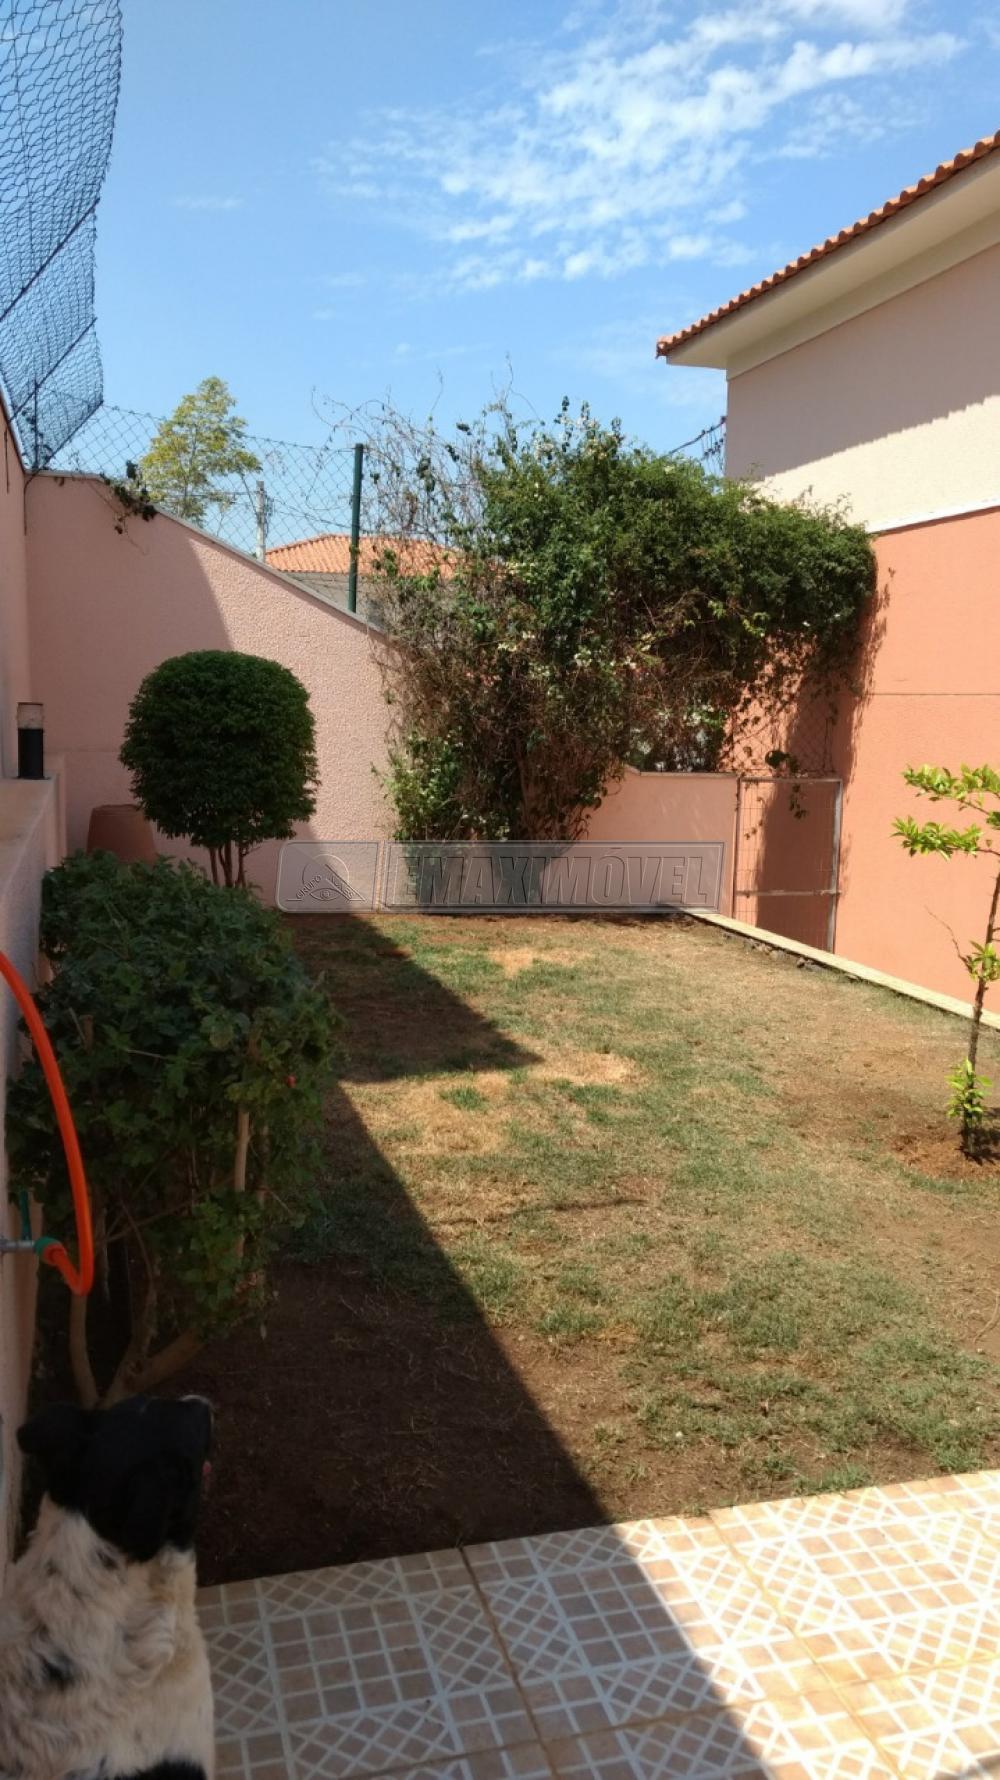 Comprar Casas / em Condomínios em Votorantim apenas R$ 330.000,00 - Foto 14